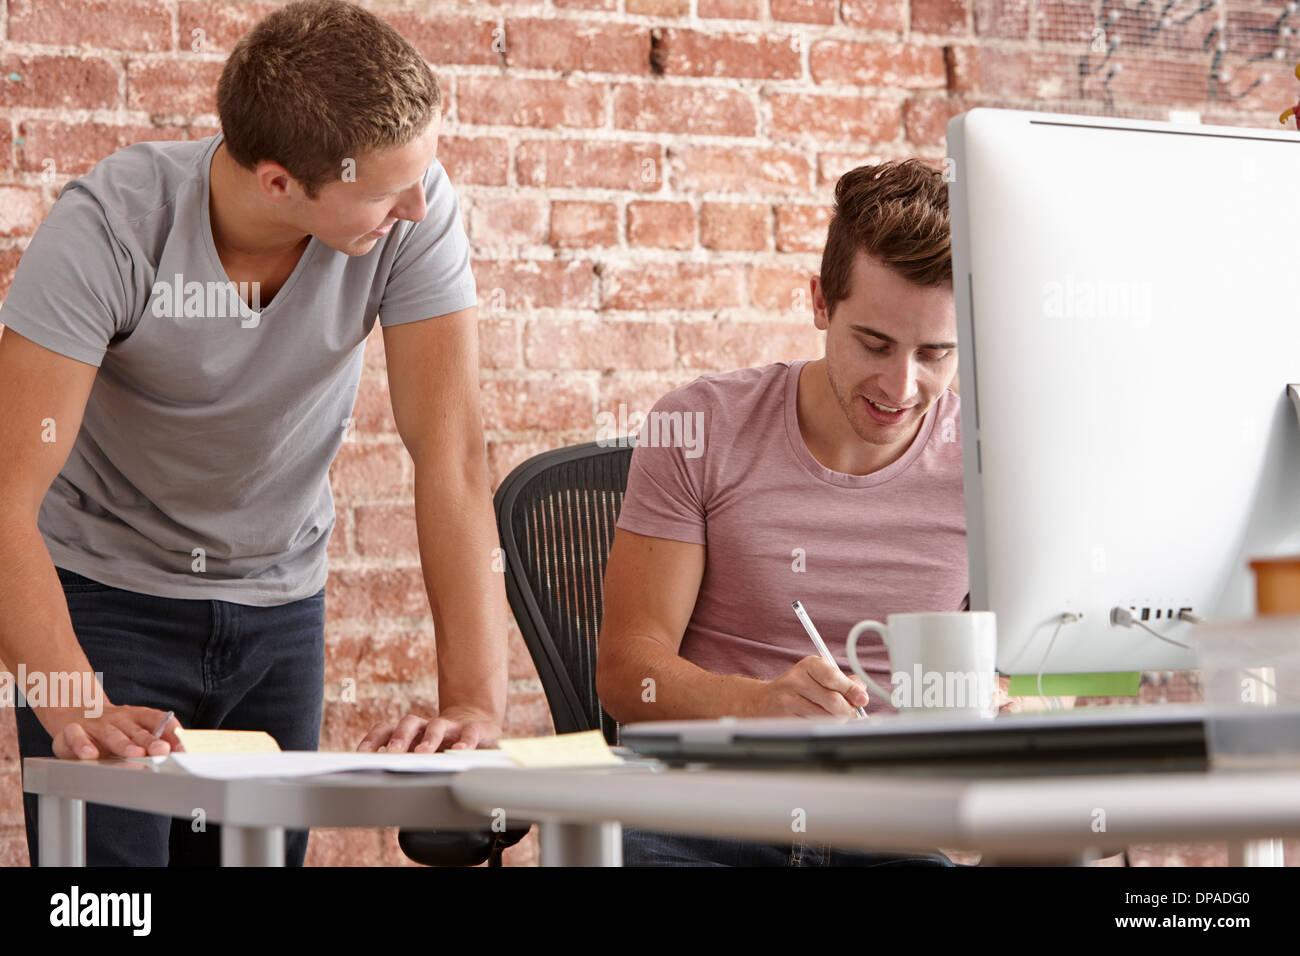 Junge Männer sprechen am Schreibtisch mit computer Stockbild